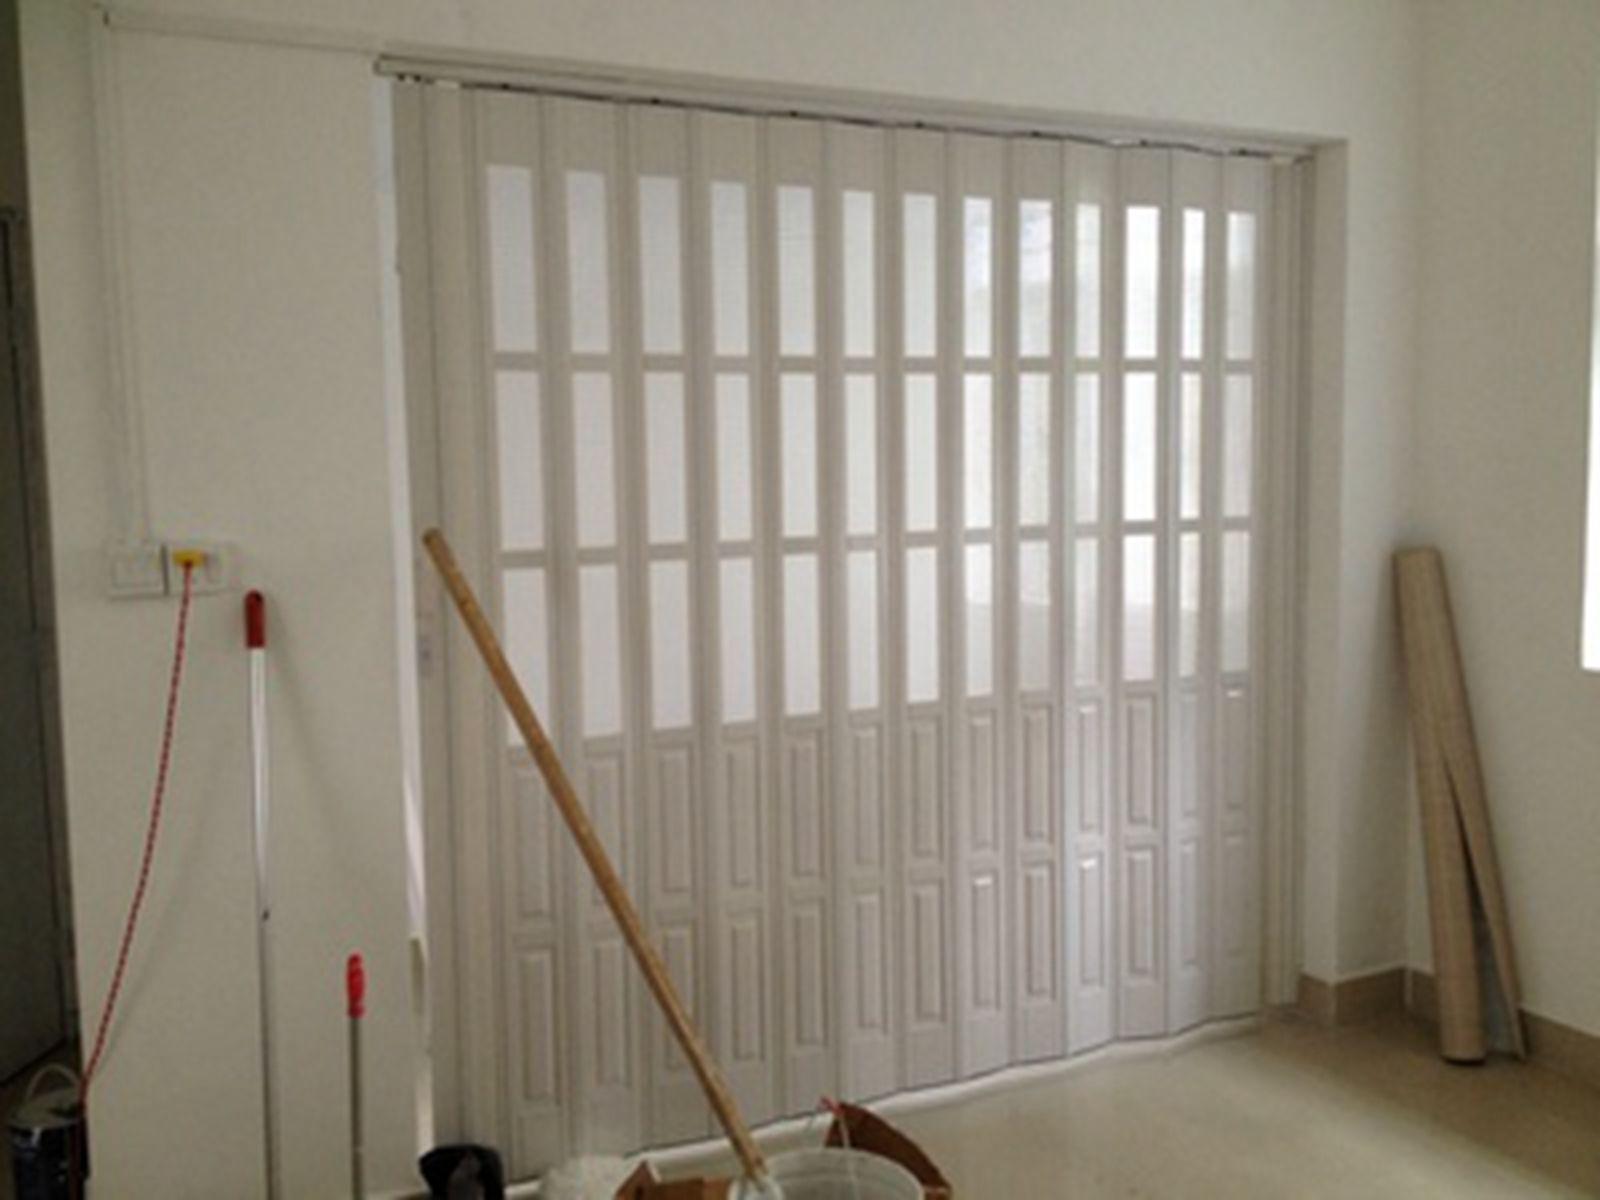 pvc折叠门 主要适用于车间,商场,办公楼,展示厅和家庭装潢等场所的图片